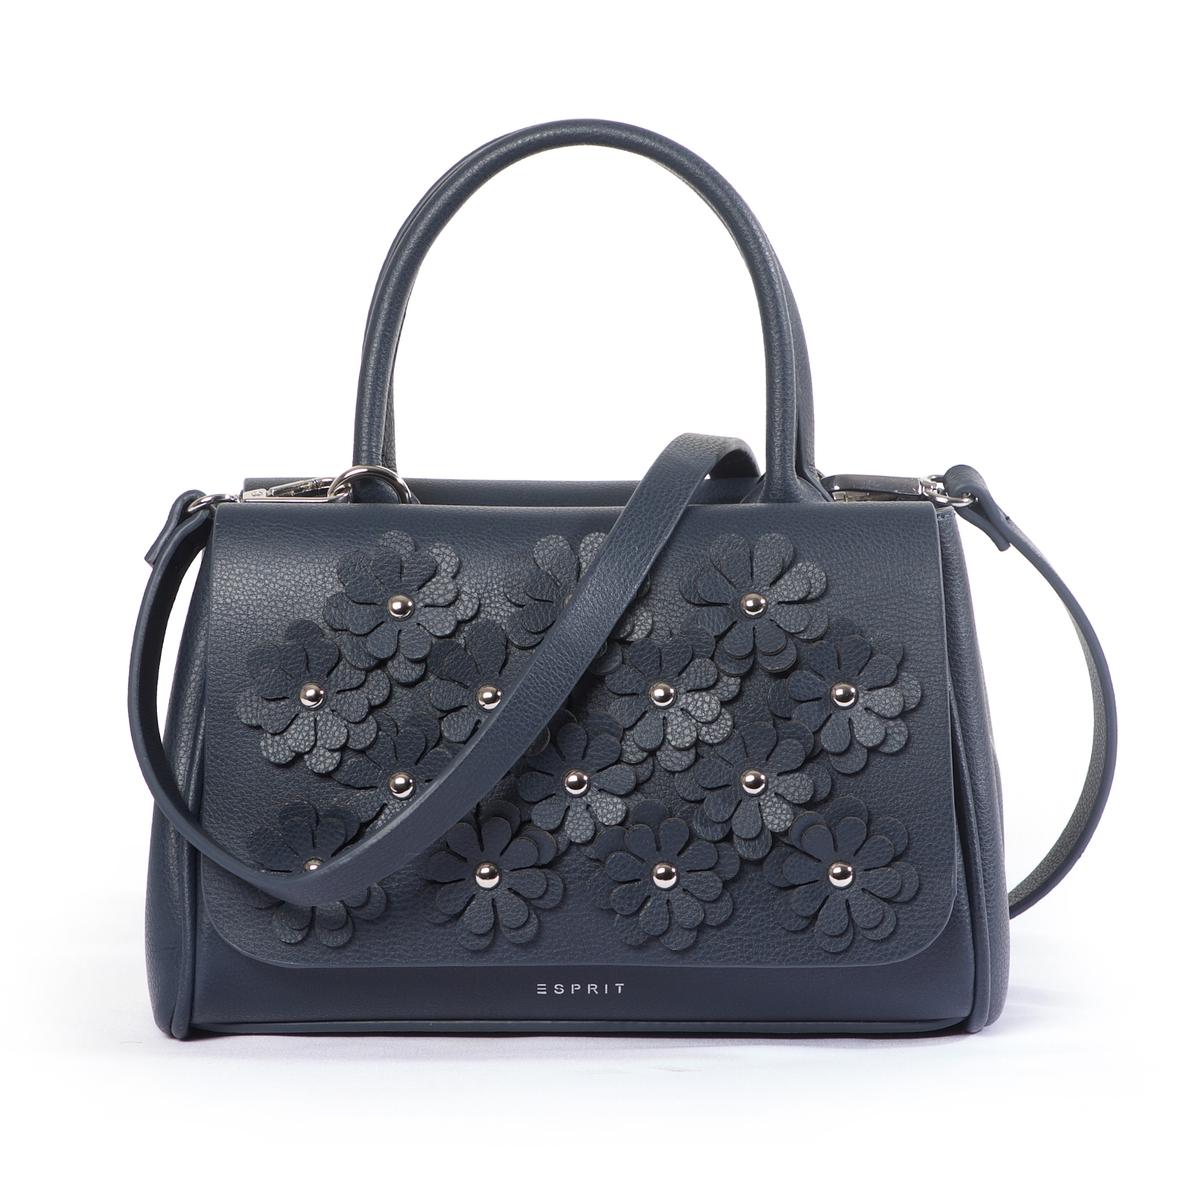 Сумка TyraОчень модная сумка в винтажном стиле с оригинальным рельефным цветочным рисунком ! Можно носить в руке или на плече.Состав и описание :  •  Материал : верх из полиуретана              Подкладка из полиэстера.  •  Марка : Esprit •  Модель : Tyra •  Размер : 17 x 22,5 x 22 см •  Застежка : на клипсуВнутренний карман Съемный и регулируемый ремешок<br><br>Цвет: синий морской<br>Размер: единый размер